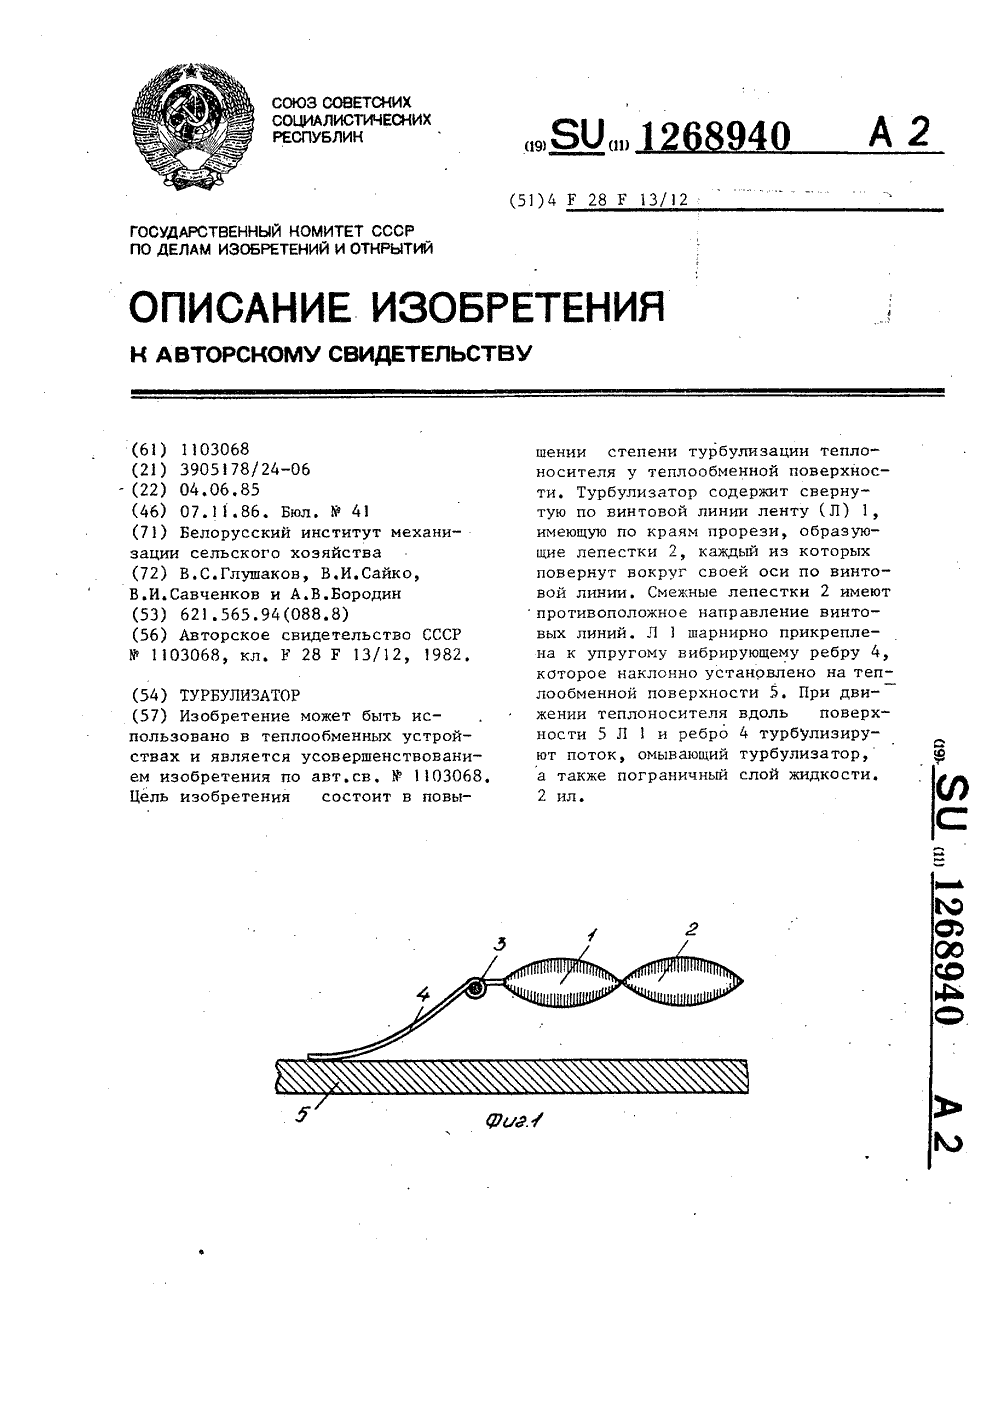 Турболизатор теплообменника устройство печь бавария с теплообменником отзывы